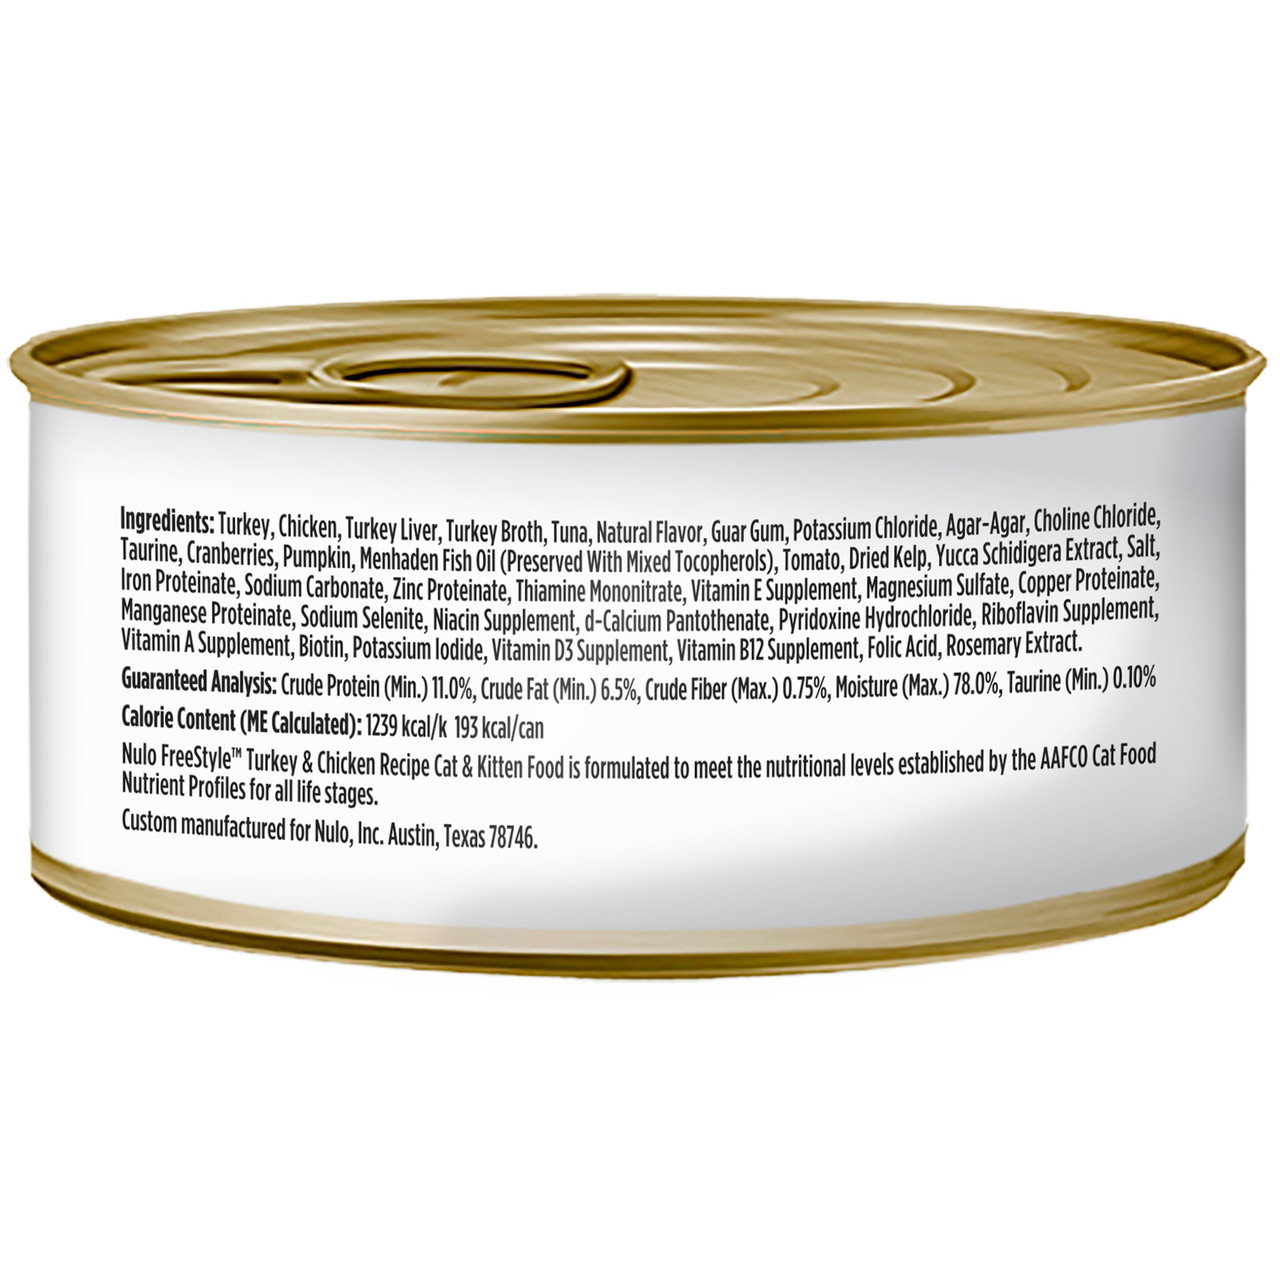 Nulo Freestyle Cat & Kitten Turkey & Chicken Recipe Canned Cat Food